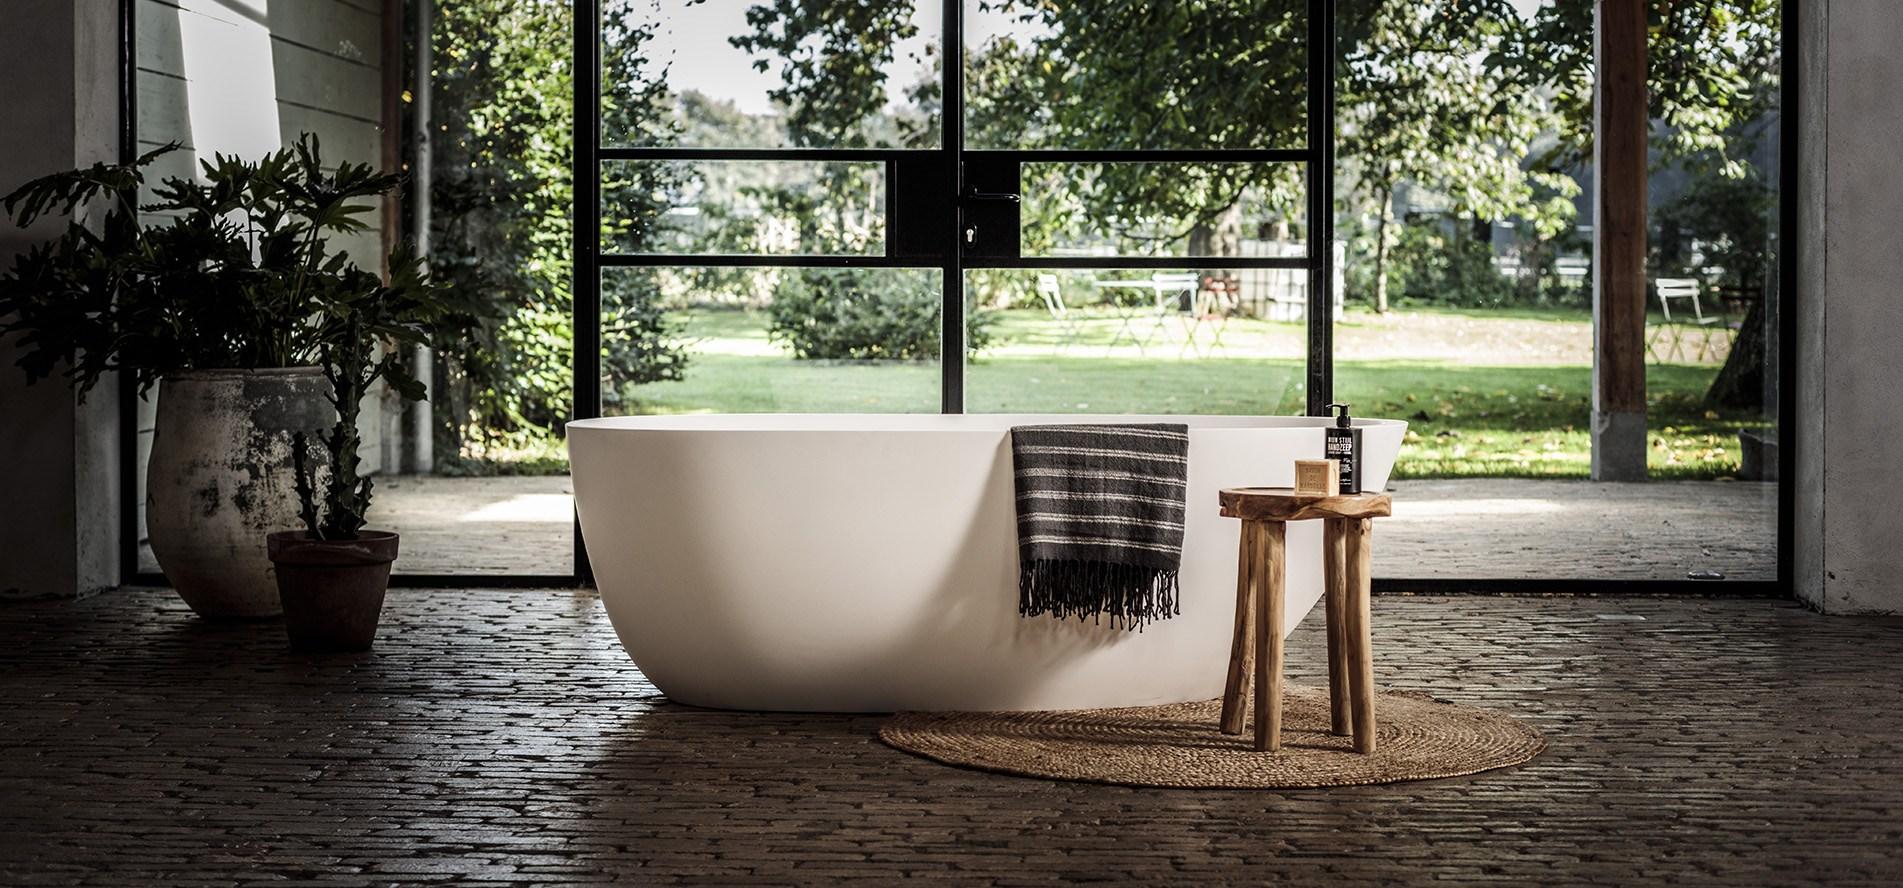 Solid Surface ligbad B-Solid, topkwaliteit bad. B DUTCH is een producent van hoogwaardige keukens en badkamers incl maatwerk direct af-fabriek tegen lage prijzen. Badkamermeubels, ligbaden, wastafels, douchebakken, toiletfonteinen, RVS kranen, LED verlichting, waanzinnige keramische tegels in alle formaten.